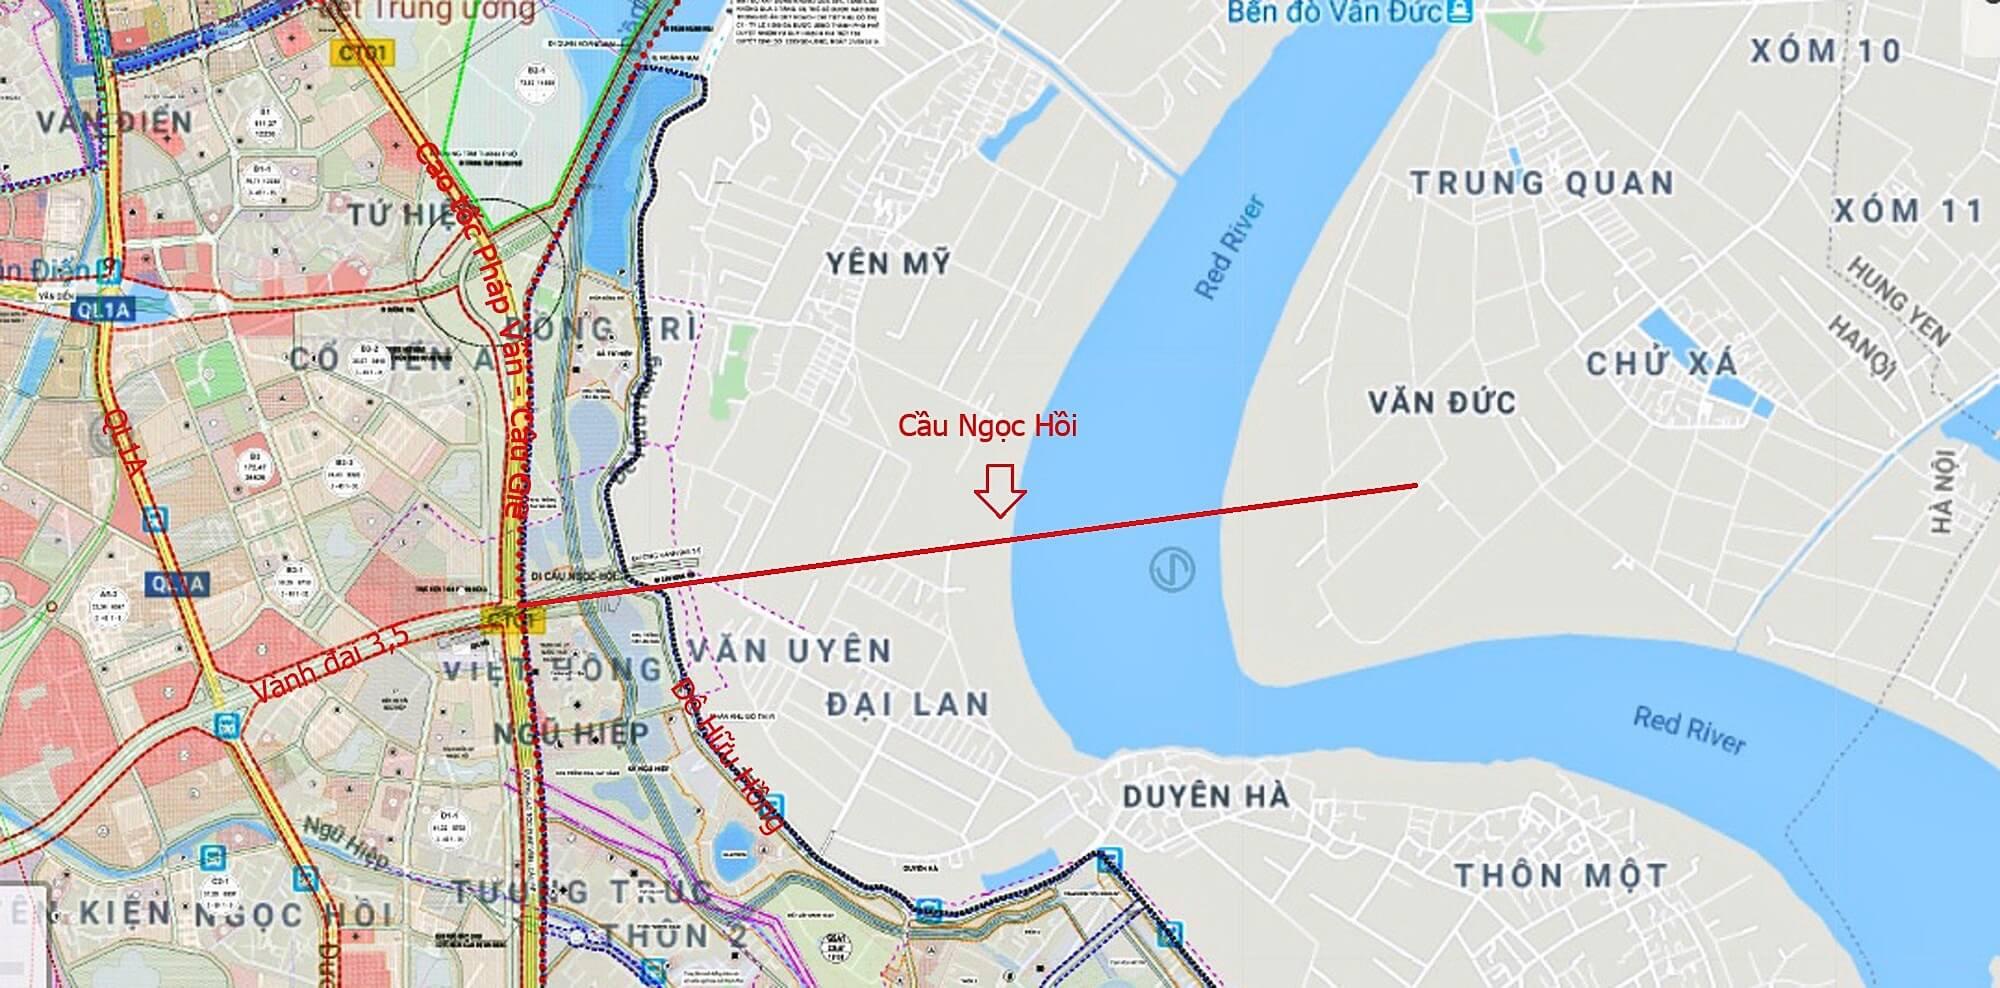 Bản đồ vị trí cầu Ngọc Hồi theo quy hoạch.